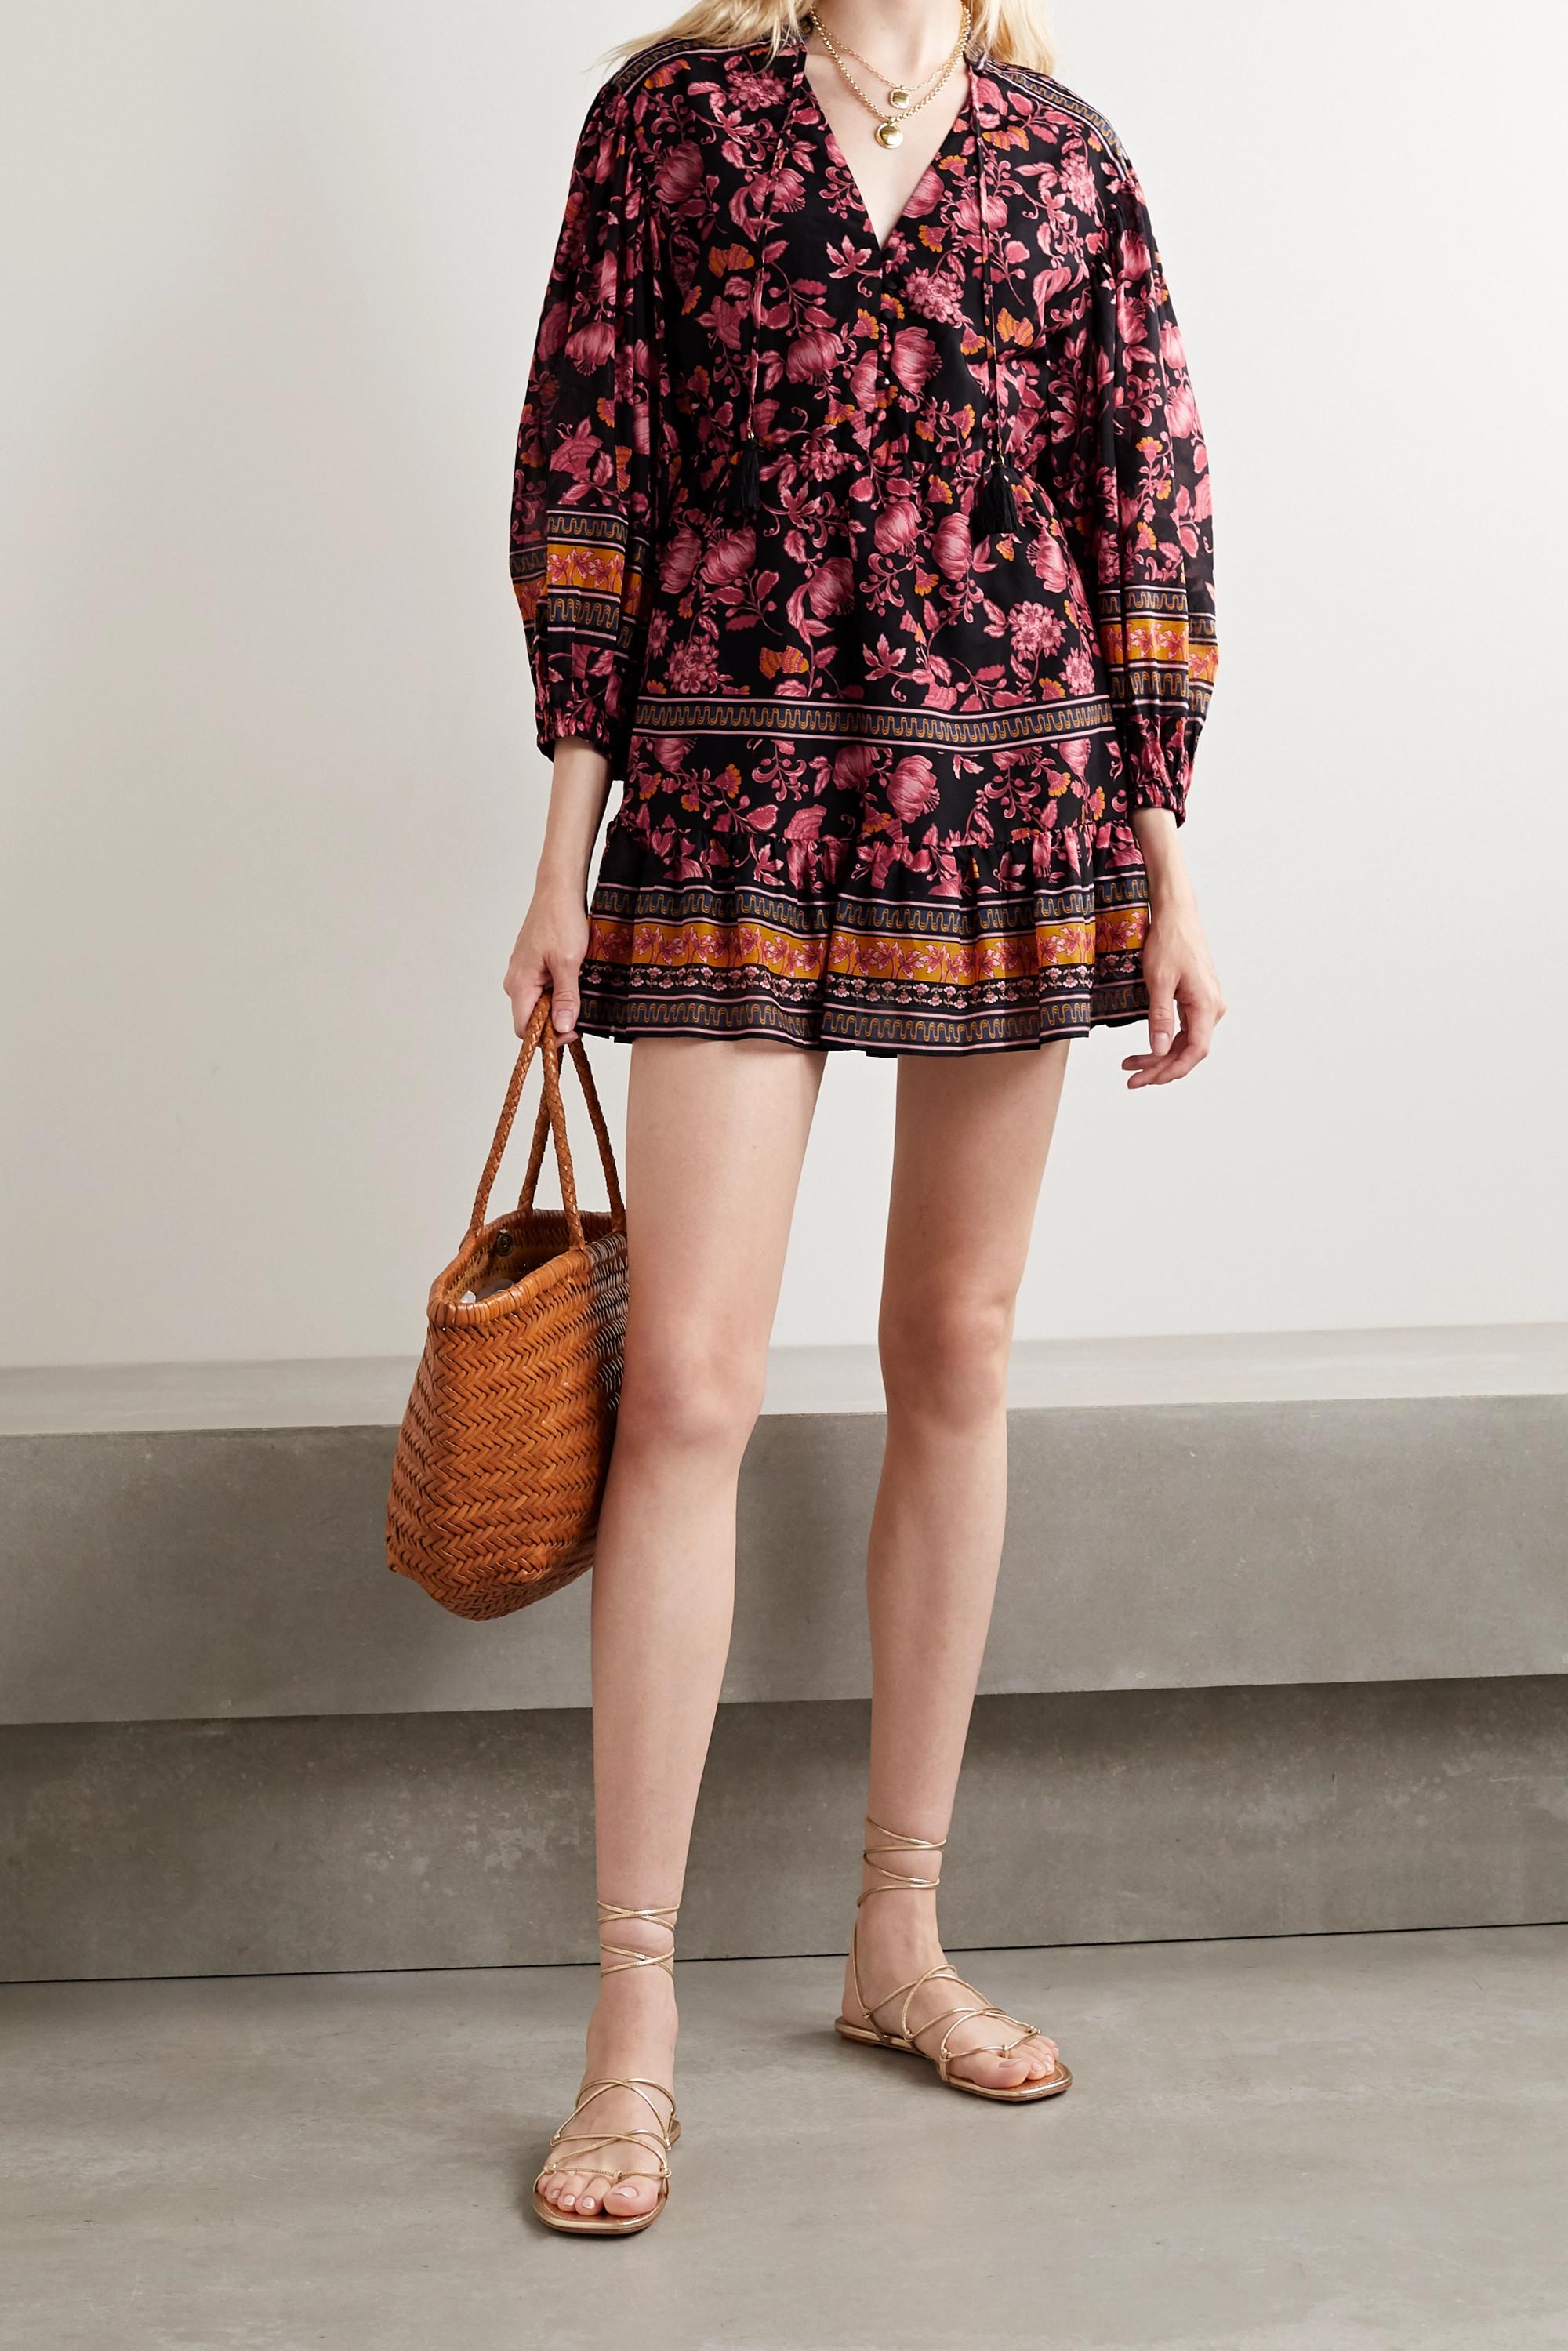 Alice + Olivia Sedona Minikleid aus einer Baumwoll-Seidenmischung mit Blumenprint